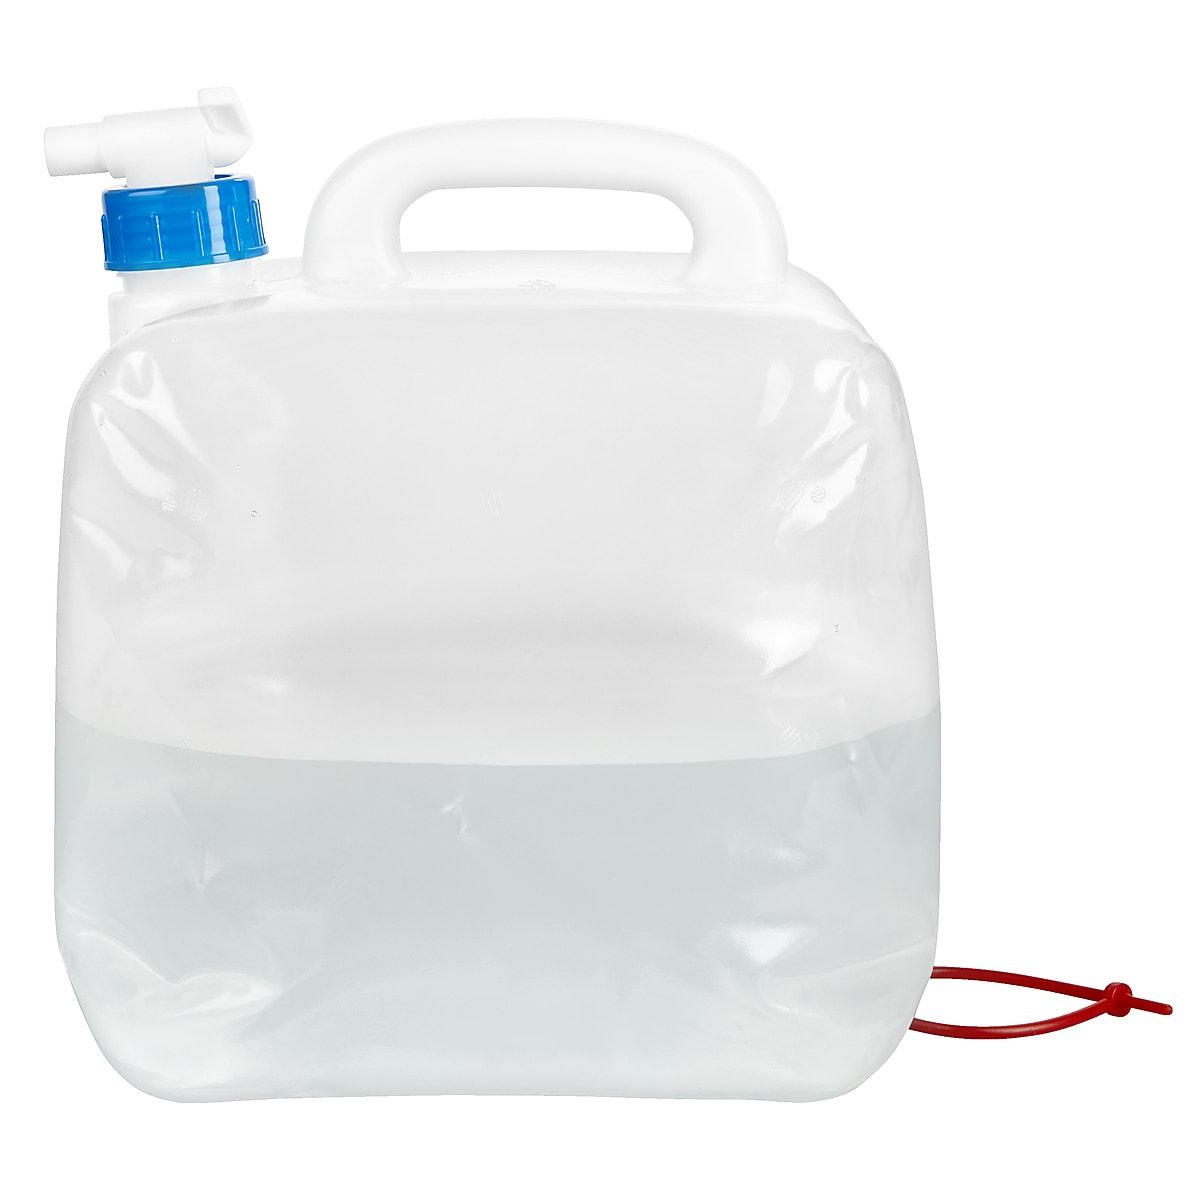 Vattendunk Asaklitt 10 liter